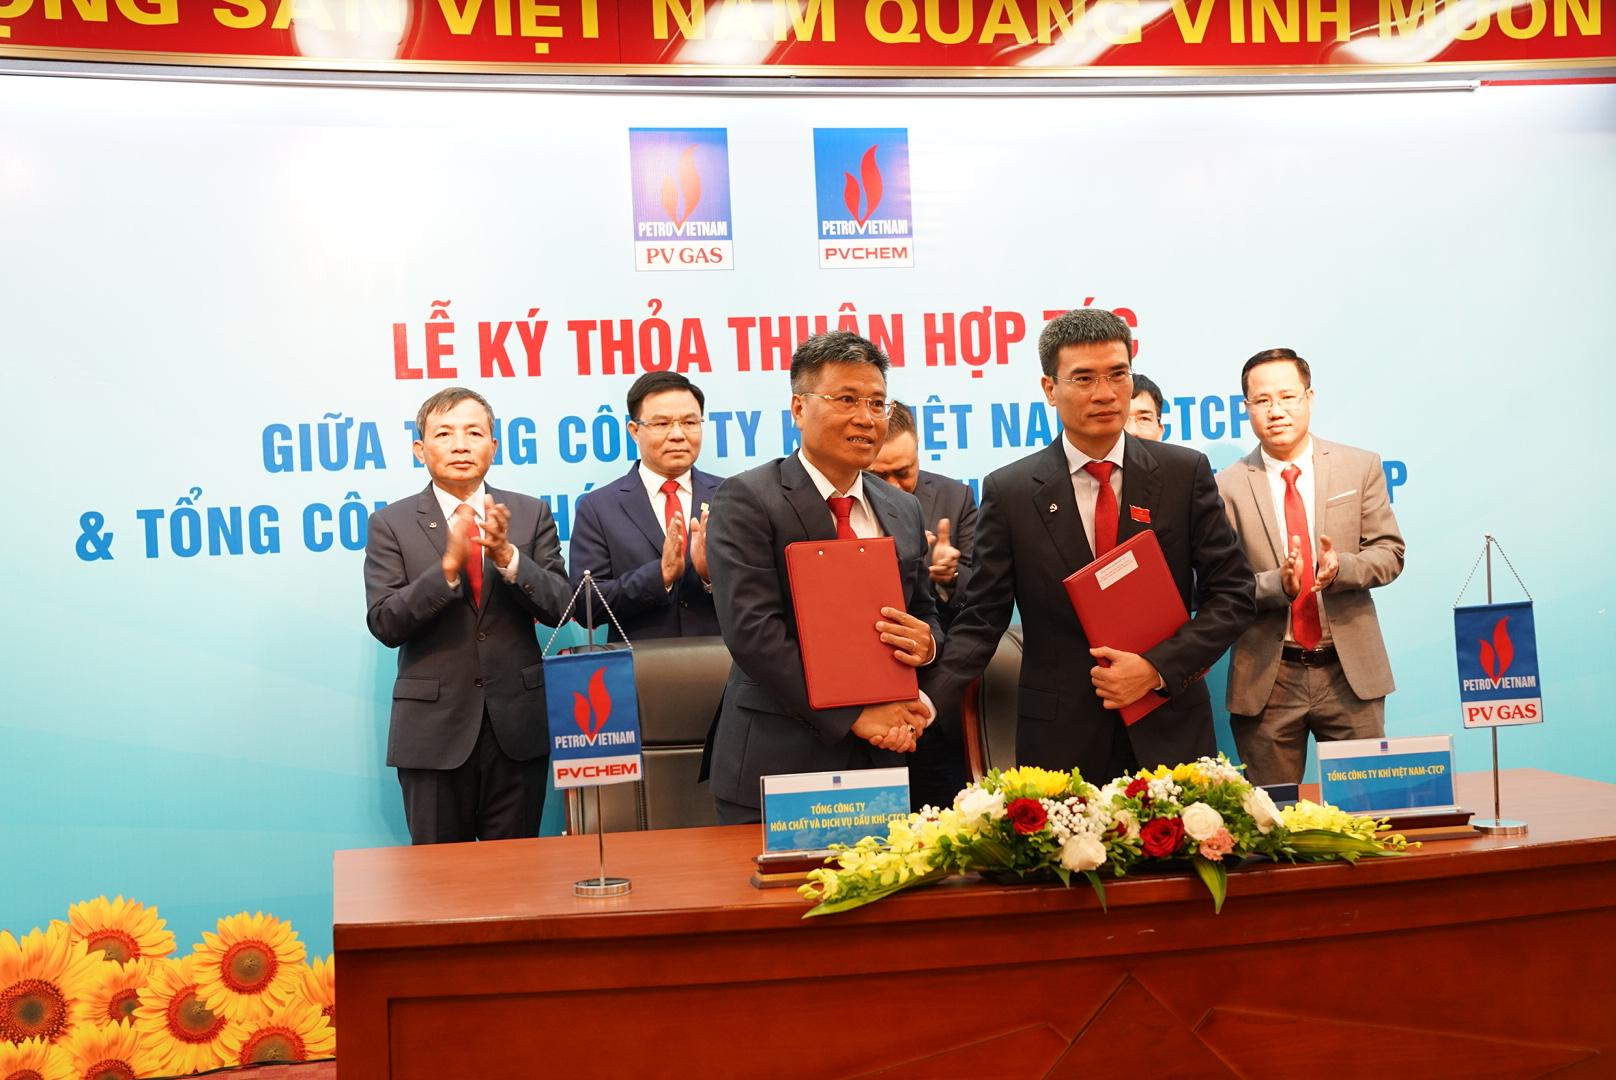 Ký kết Thỏa thuận hợp tác giữa PV GAS và PVChem